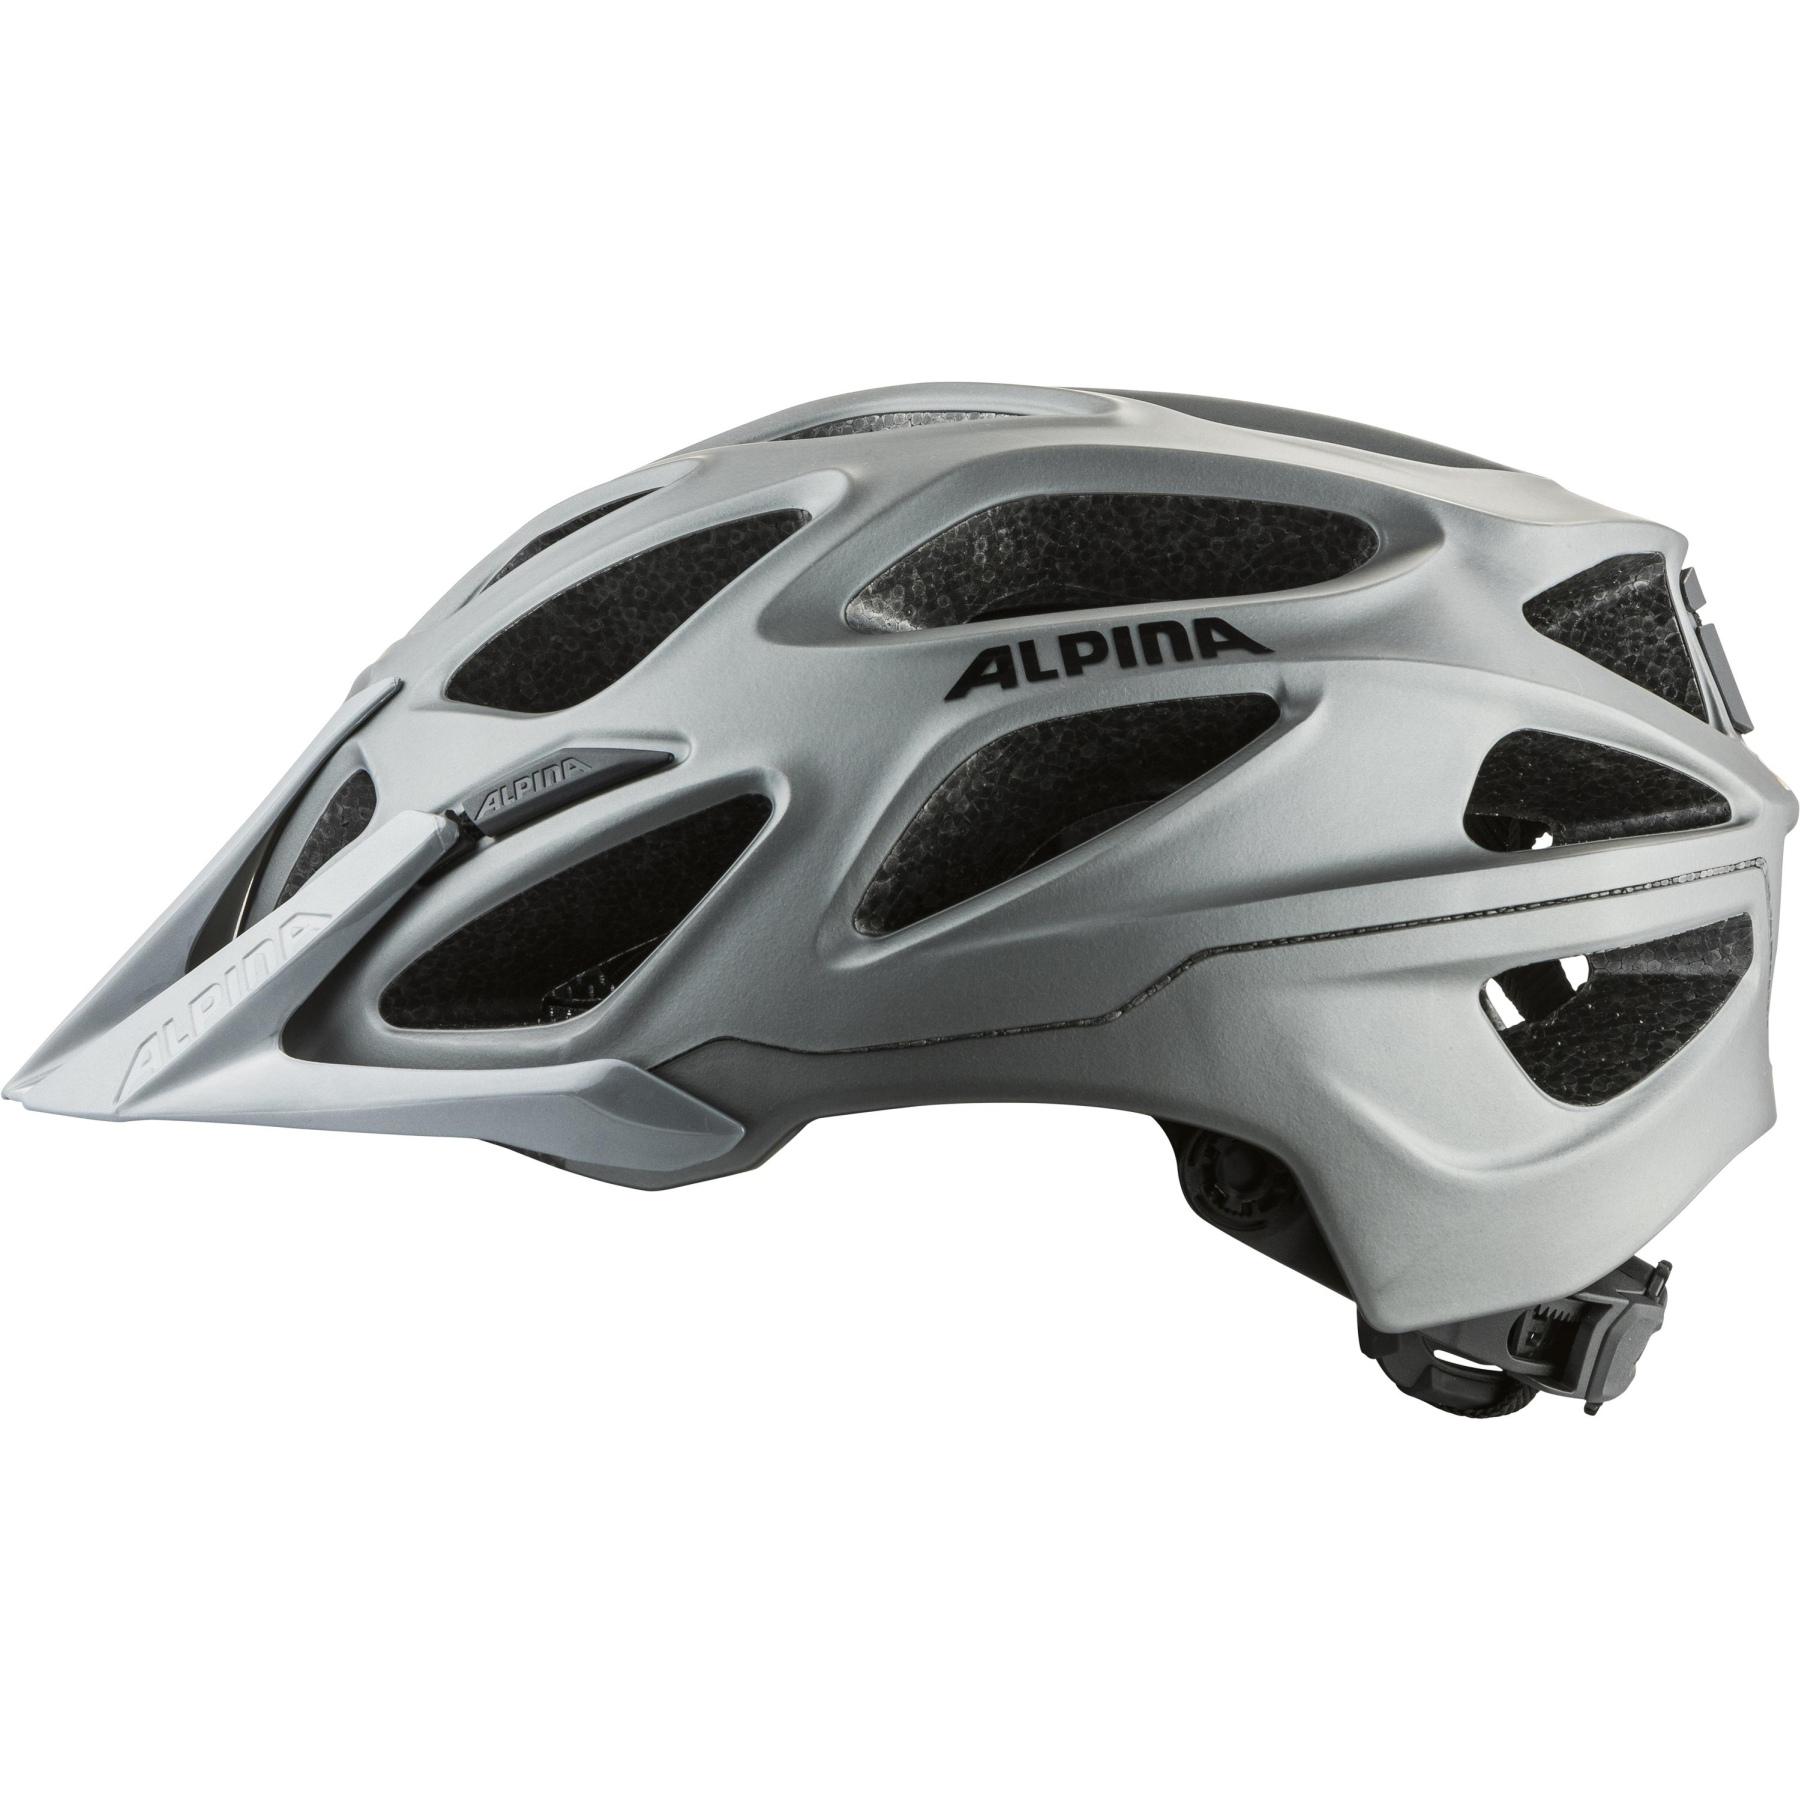 Image of Alpina Mythos 3.0 L.E. Helmet - dark-silver matt